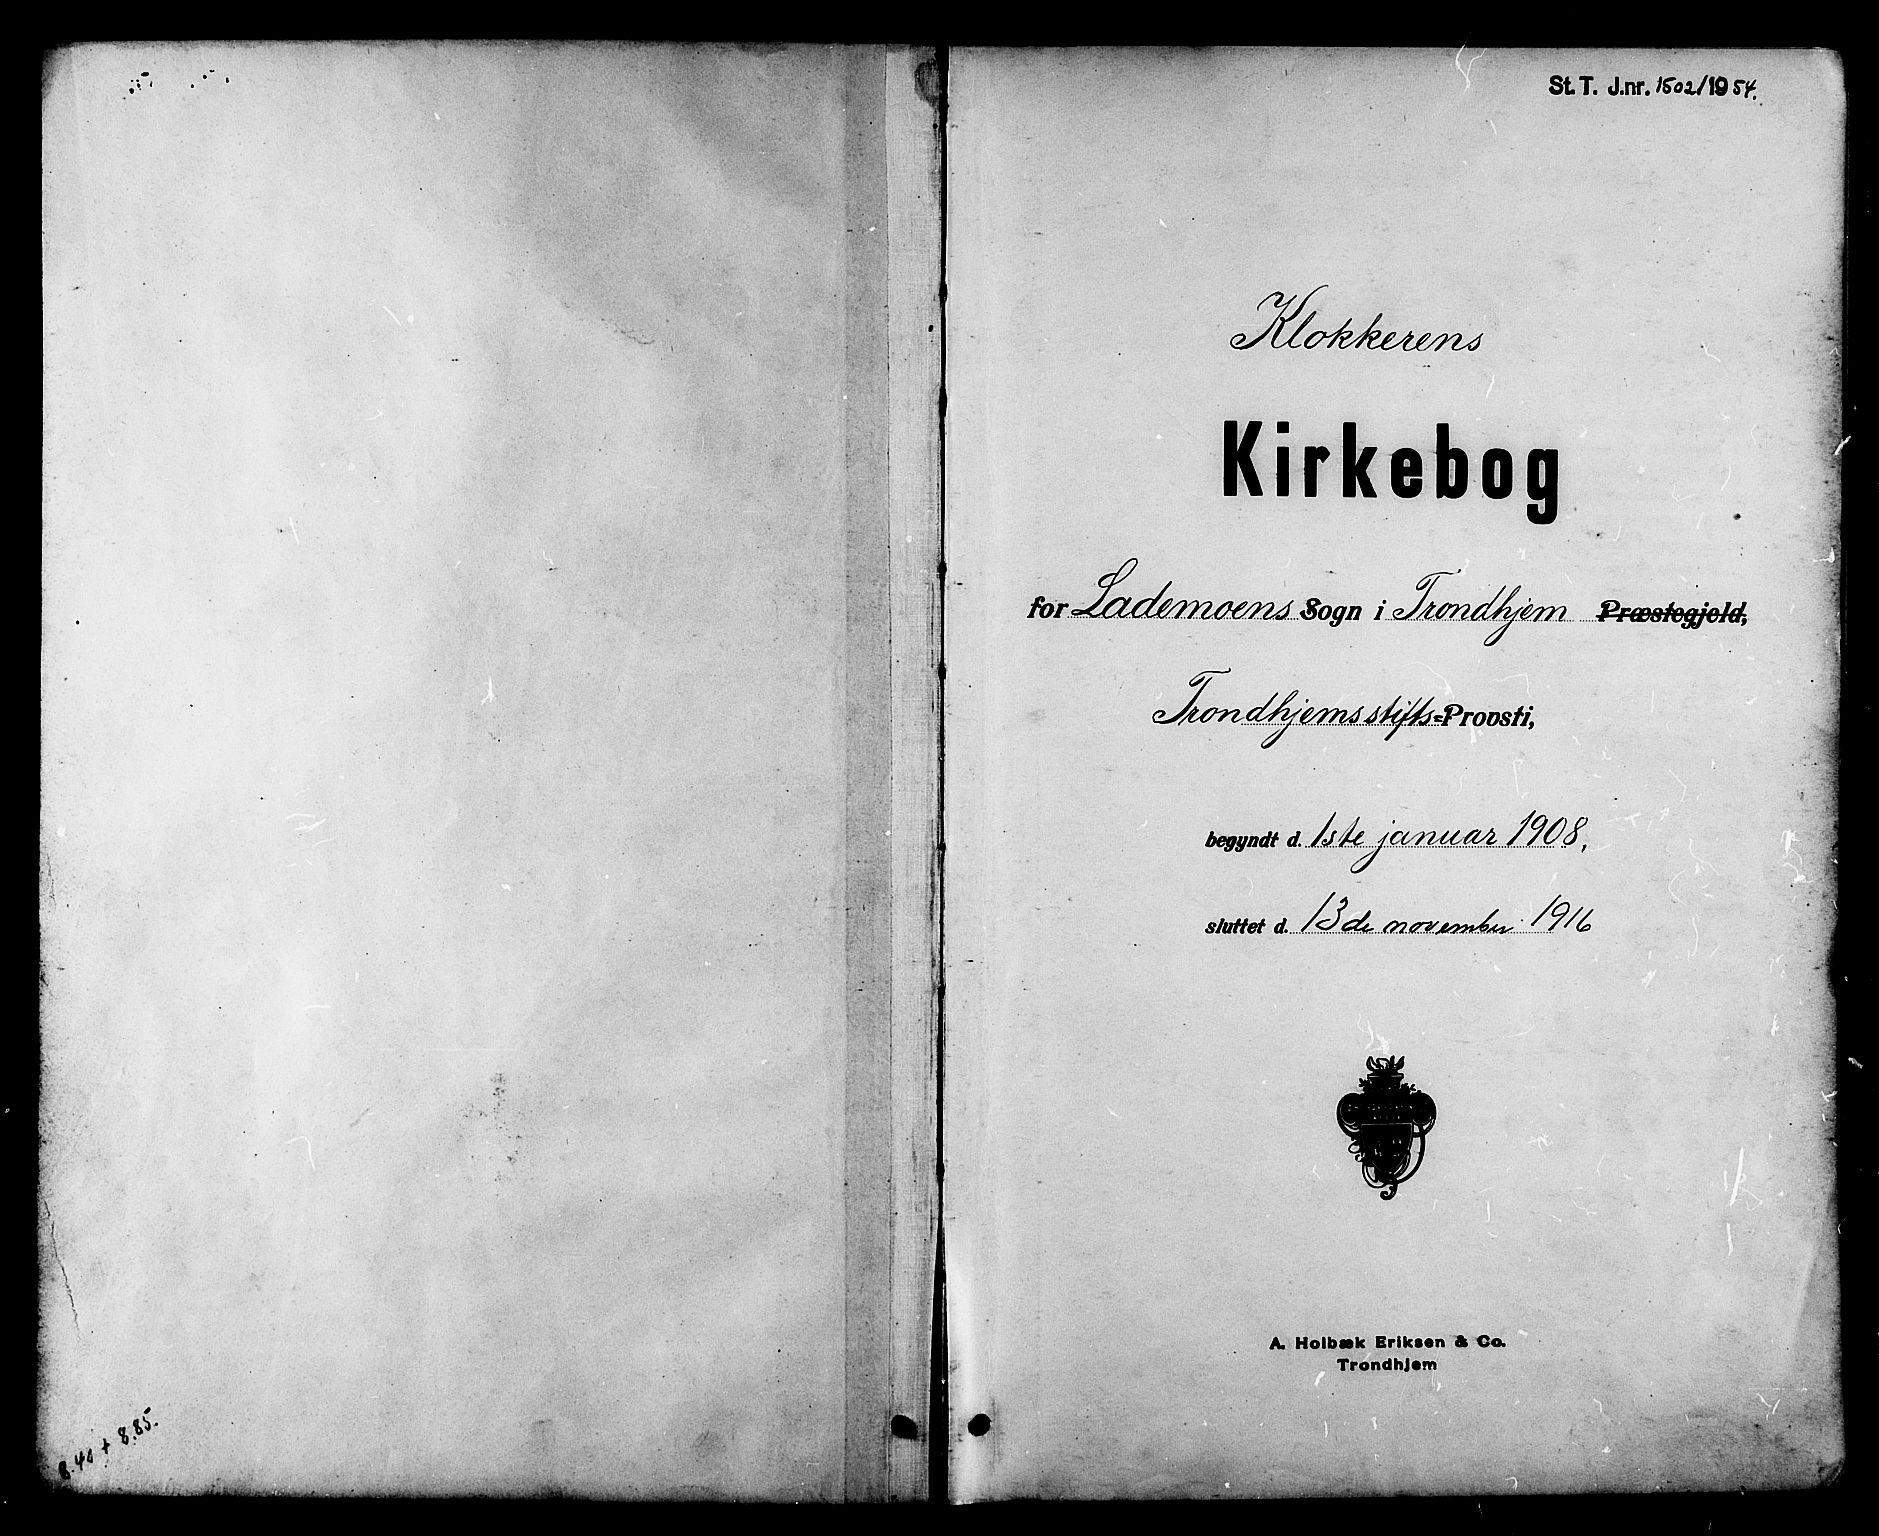 SAT, Ministerialprotokoller, klokkerbøker og fødselsregistre - Sør-Trøndelag, 605/L0255: Klokkerbok nr. 605C02, 1908-1918